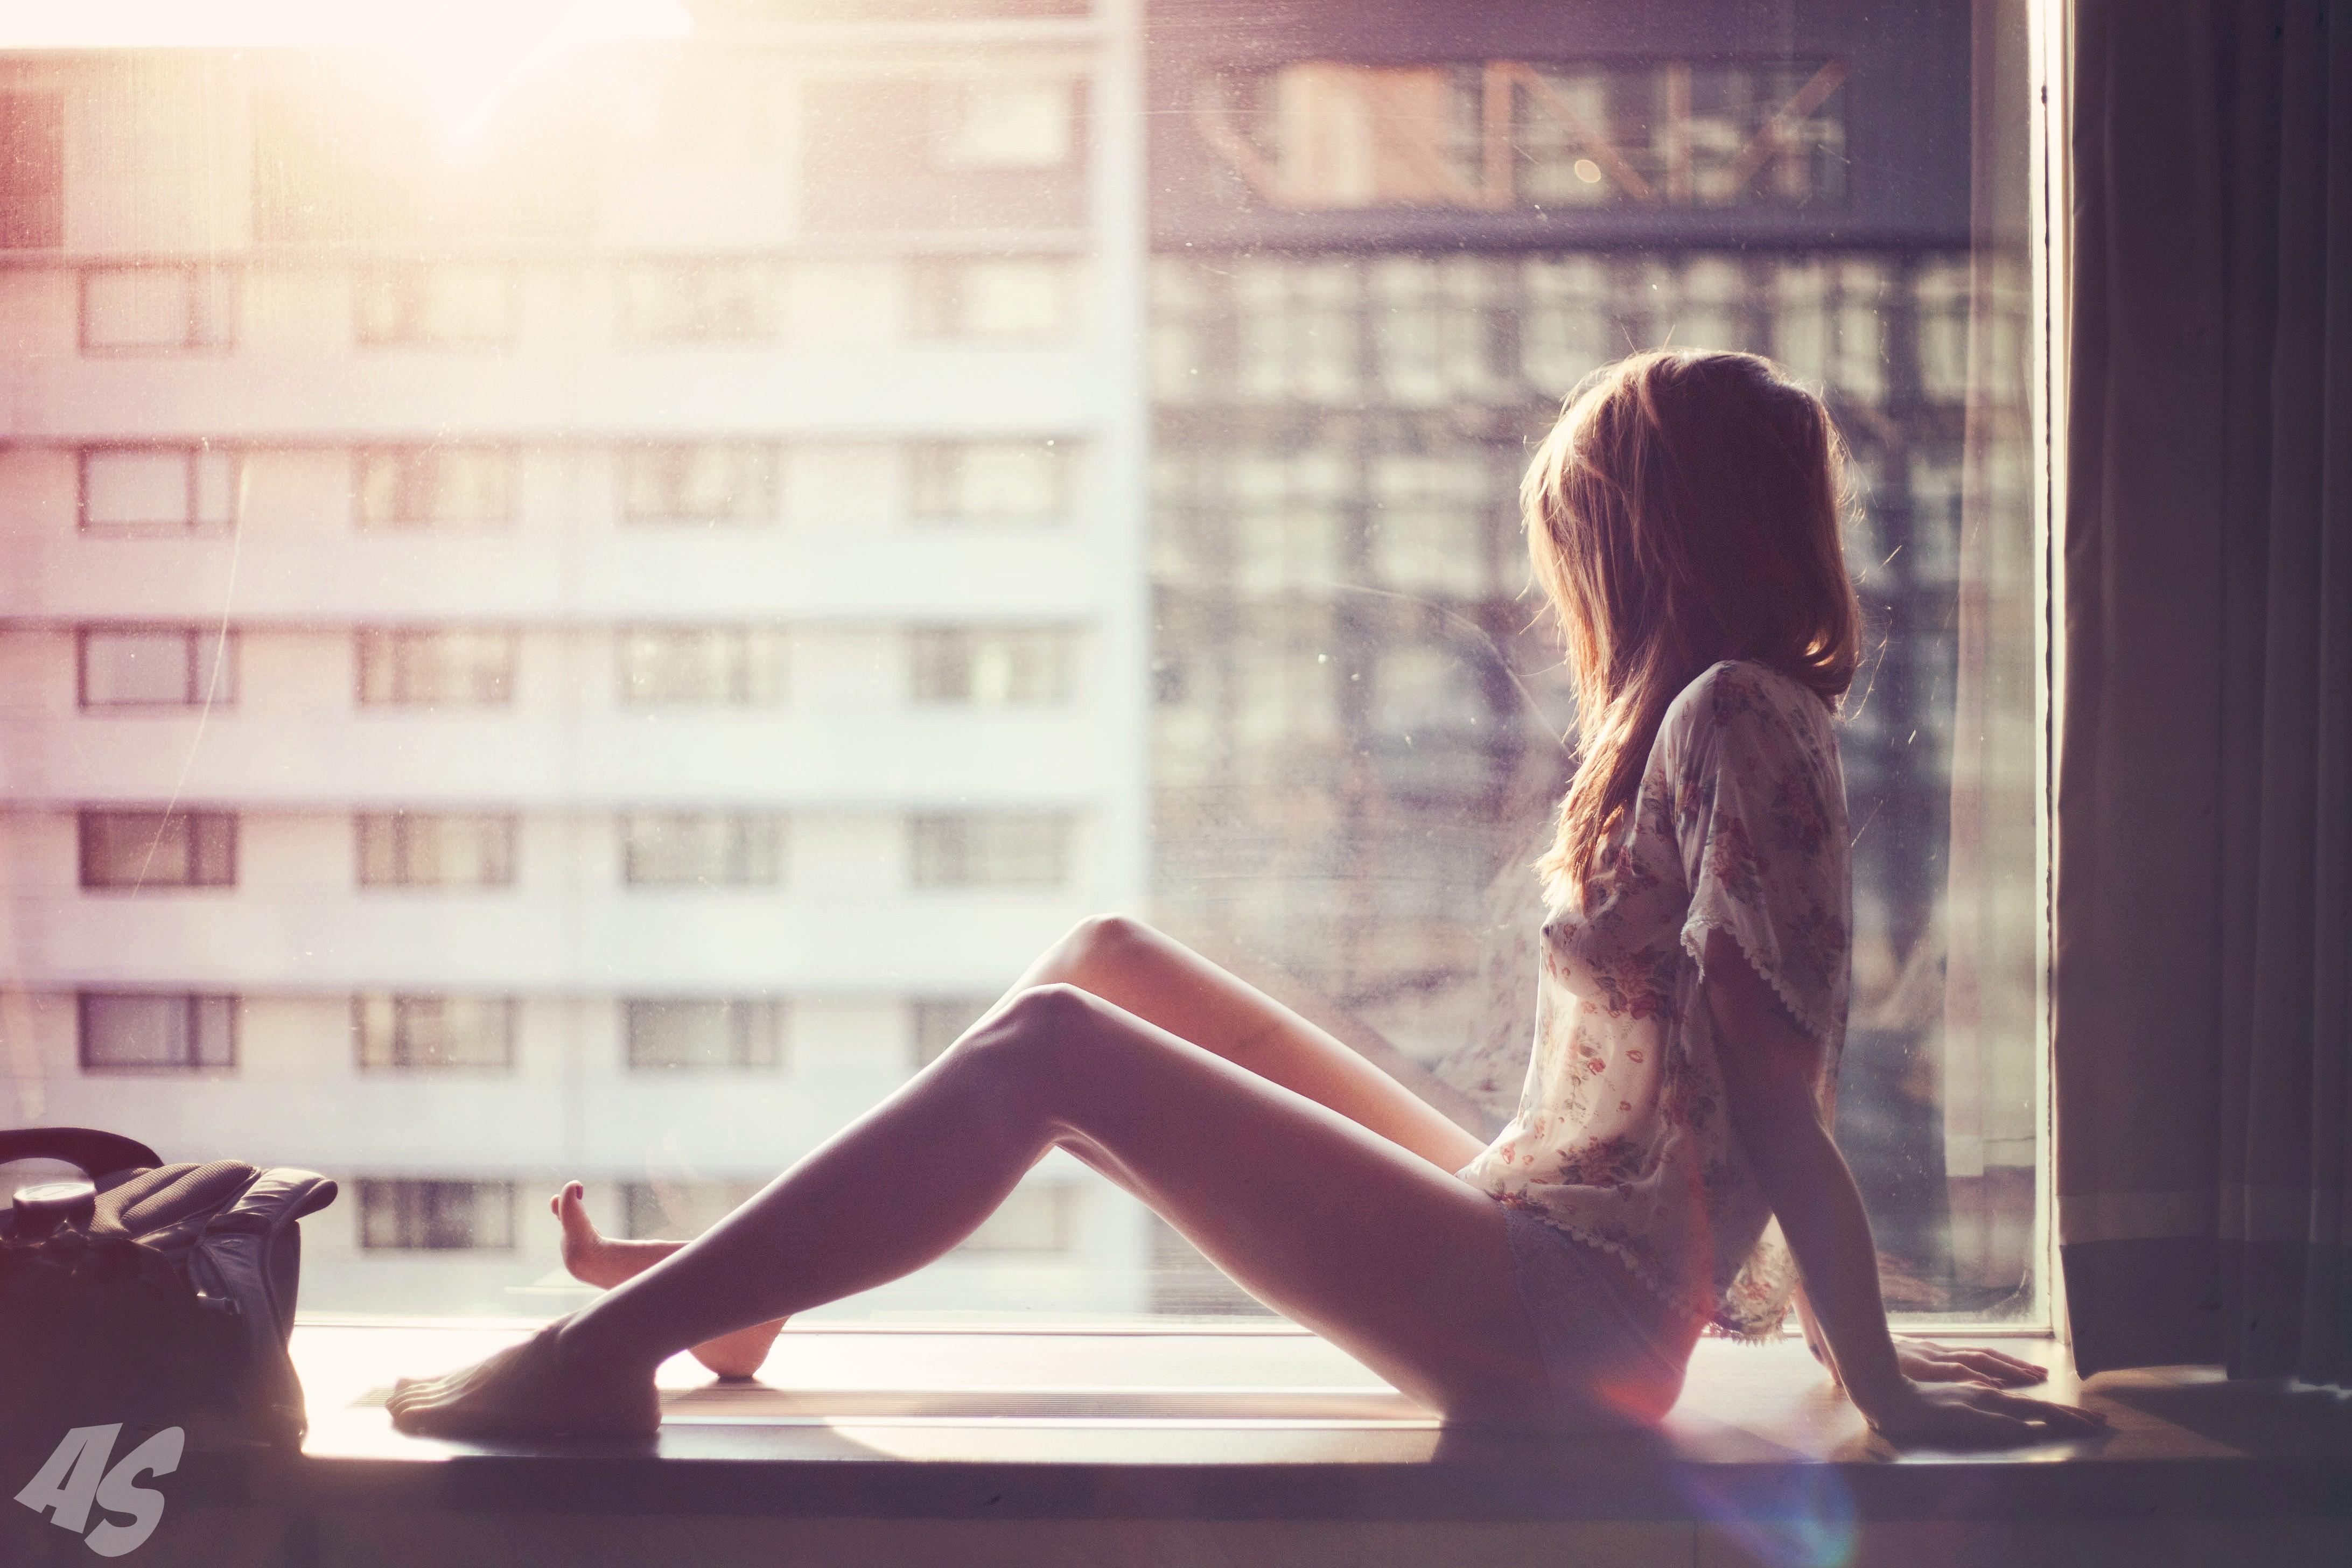 Фото девушки сидящей в окне спиной 5 фотография